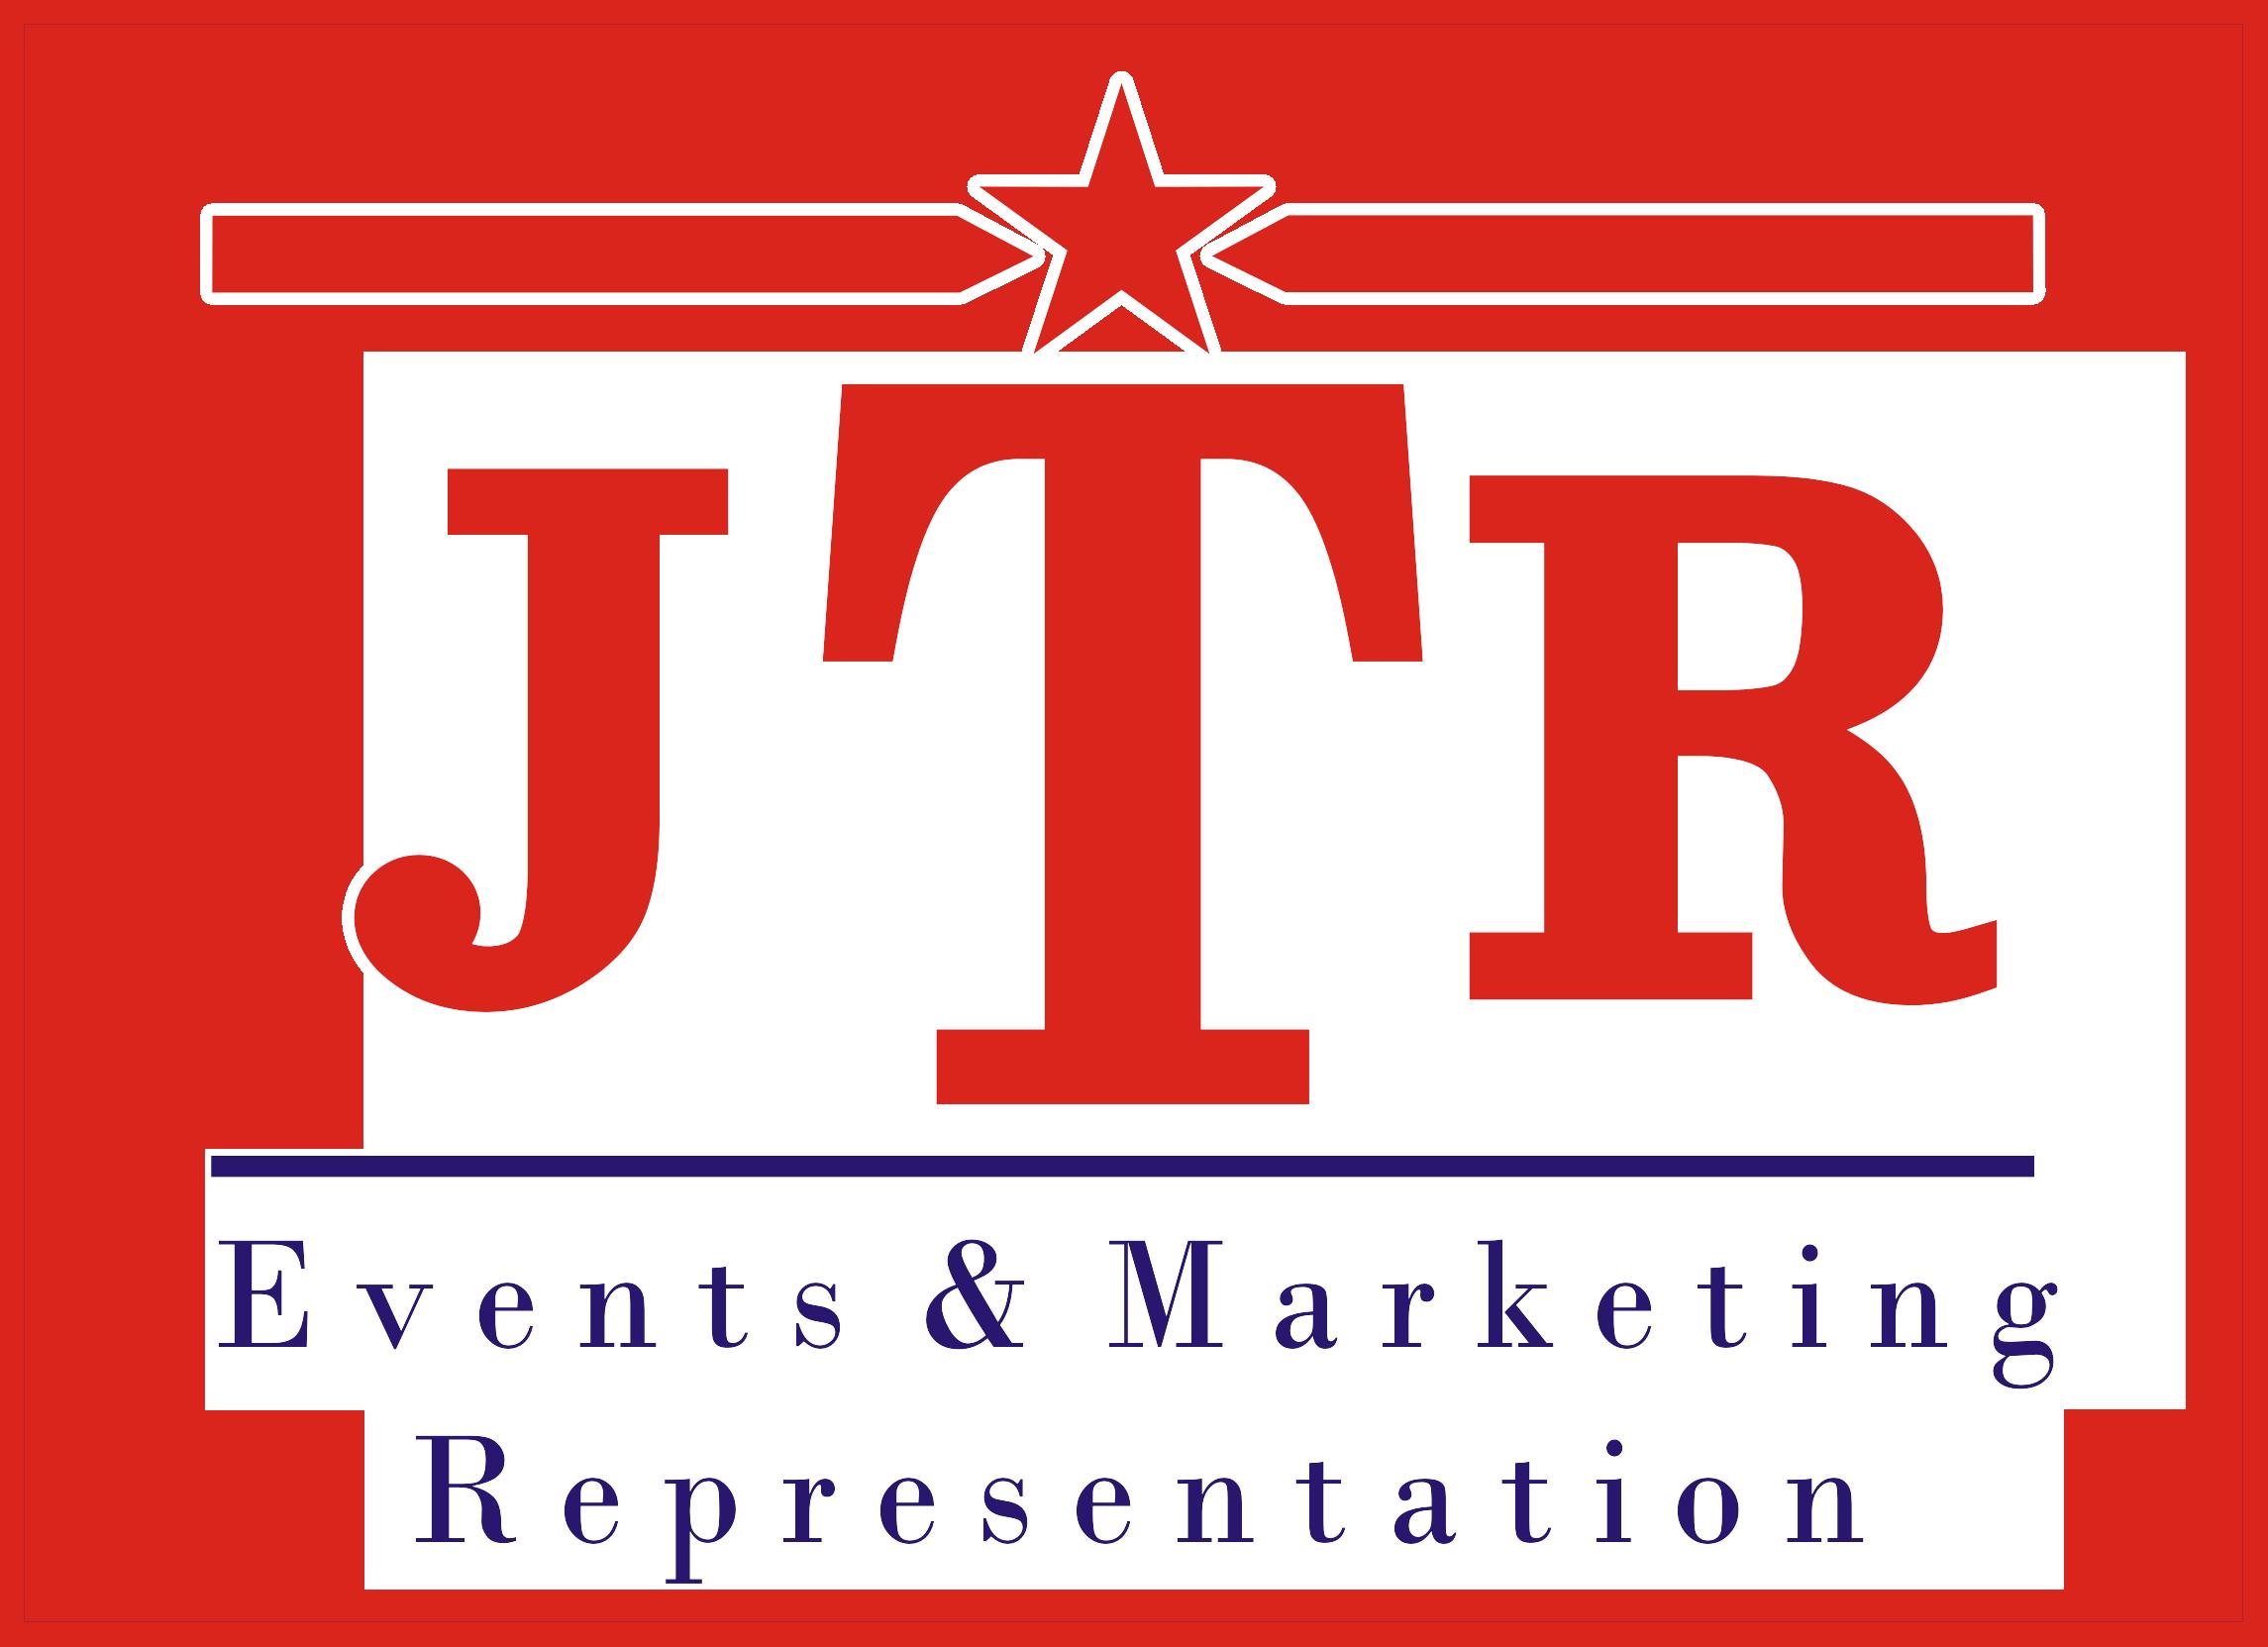 JTR Events & Marketing Co Ltd